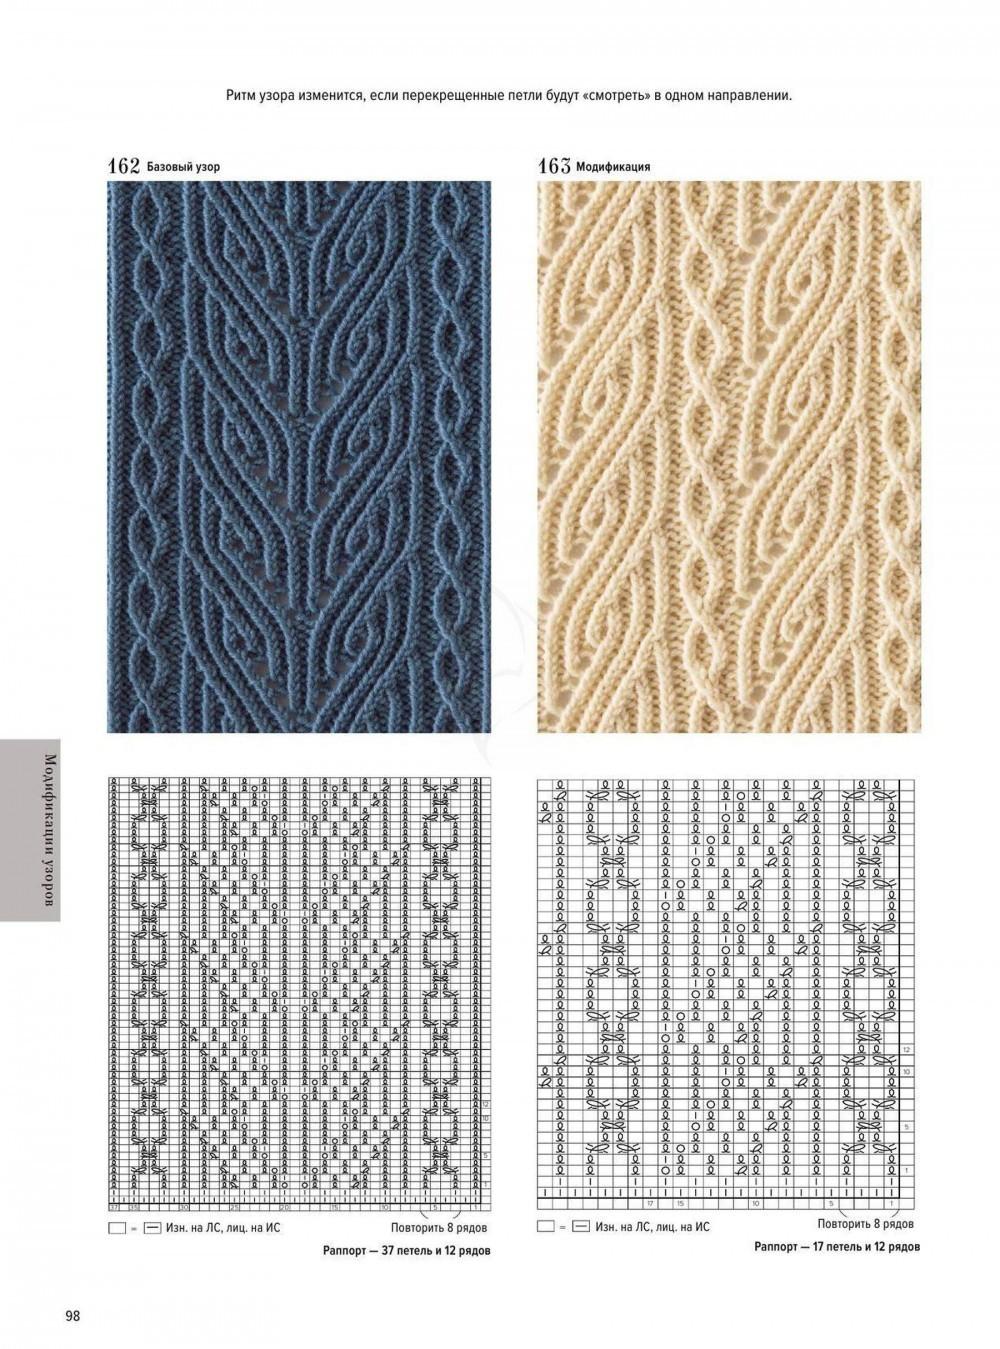 вязание узоров спицами схемы с описанием